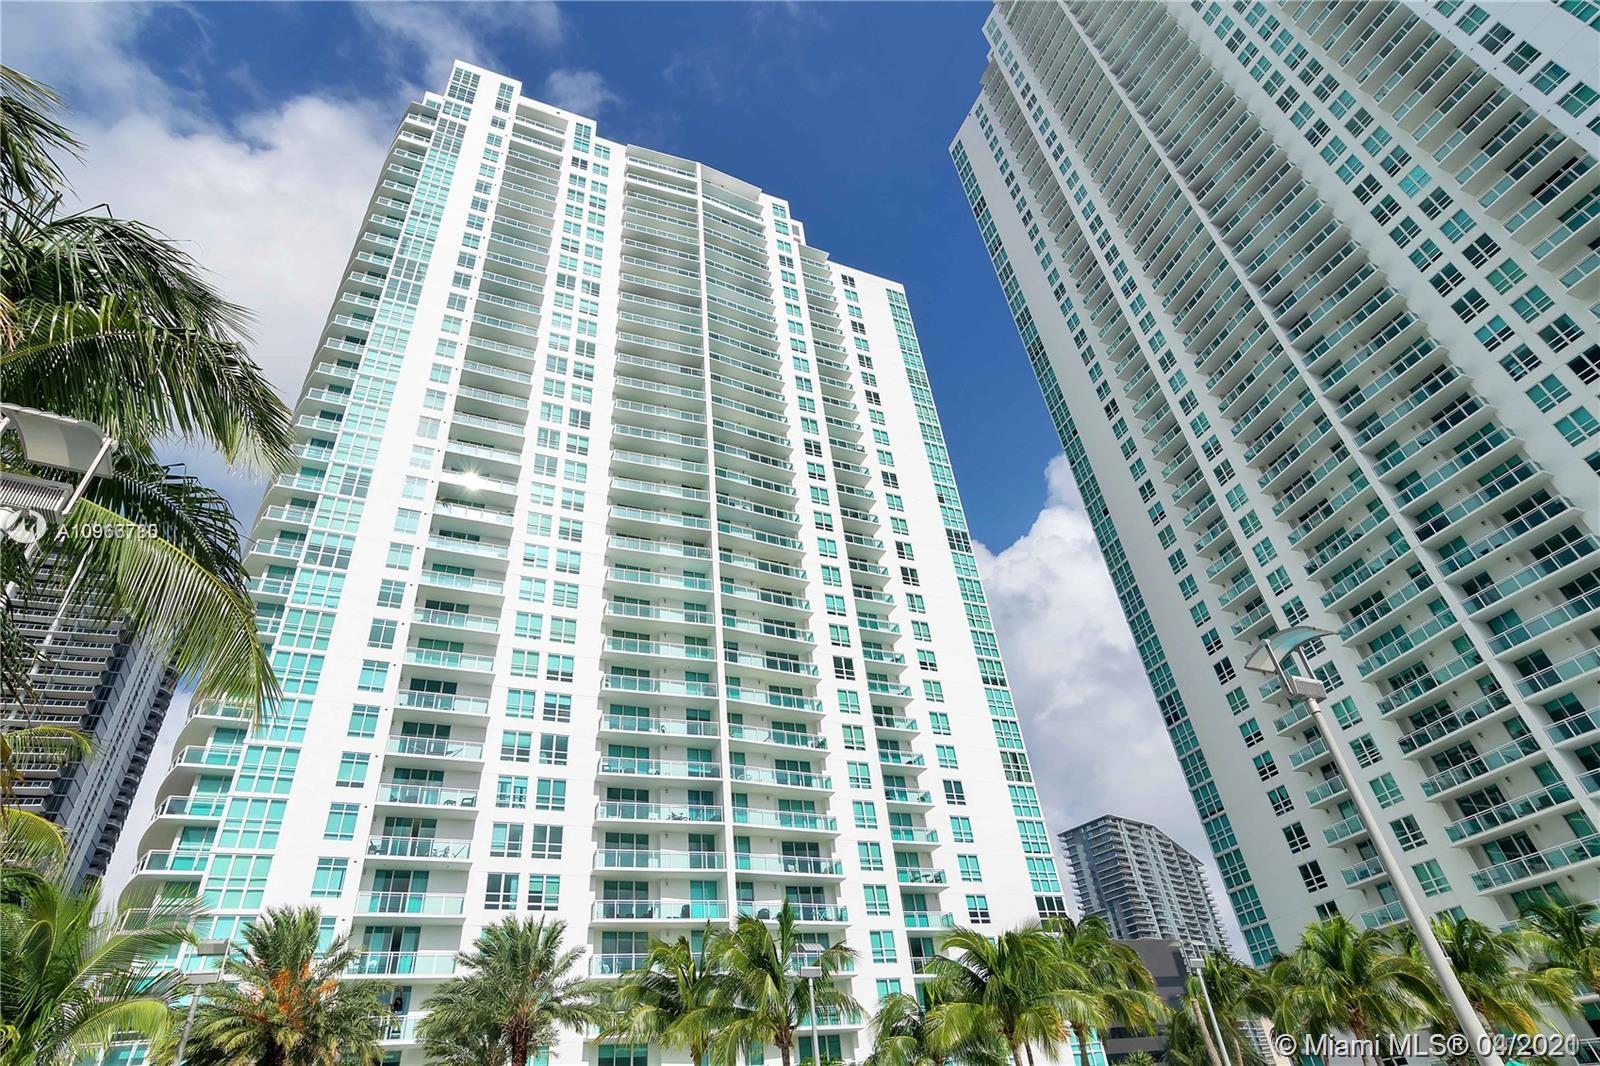 The Plaza on Brickell 2 #2010 - 951 Brickell Ave #2010, Miami, FL 33131